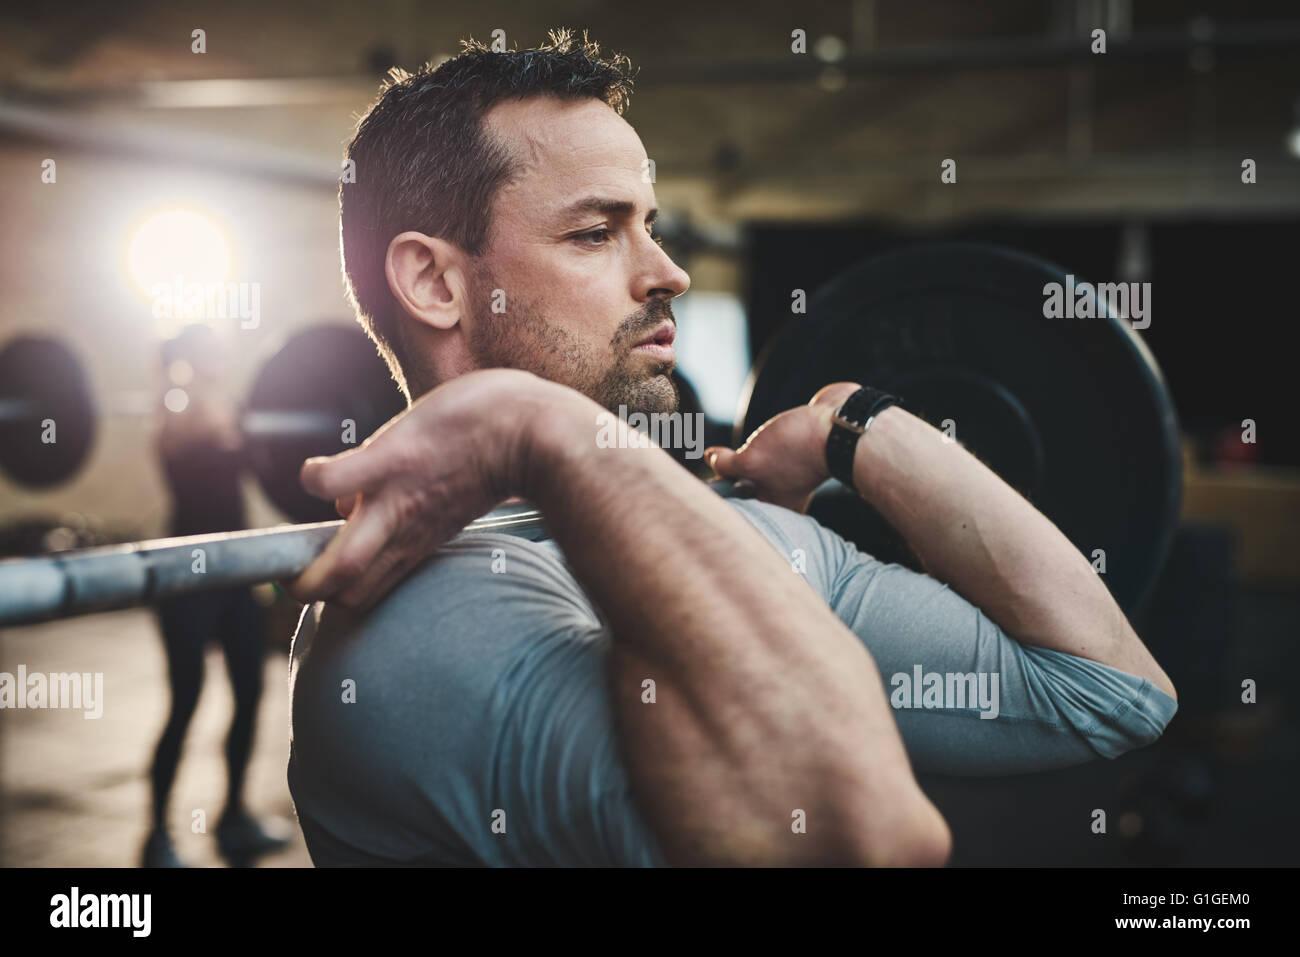 Colocar barras de elevación joven busca centrados, trabajando en un gimnasio con otras personas Imagen De Stock